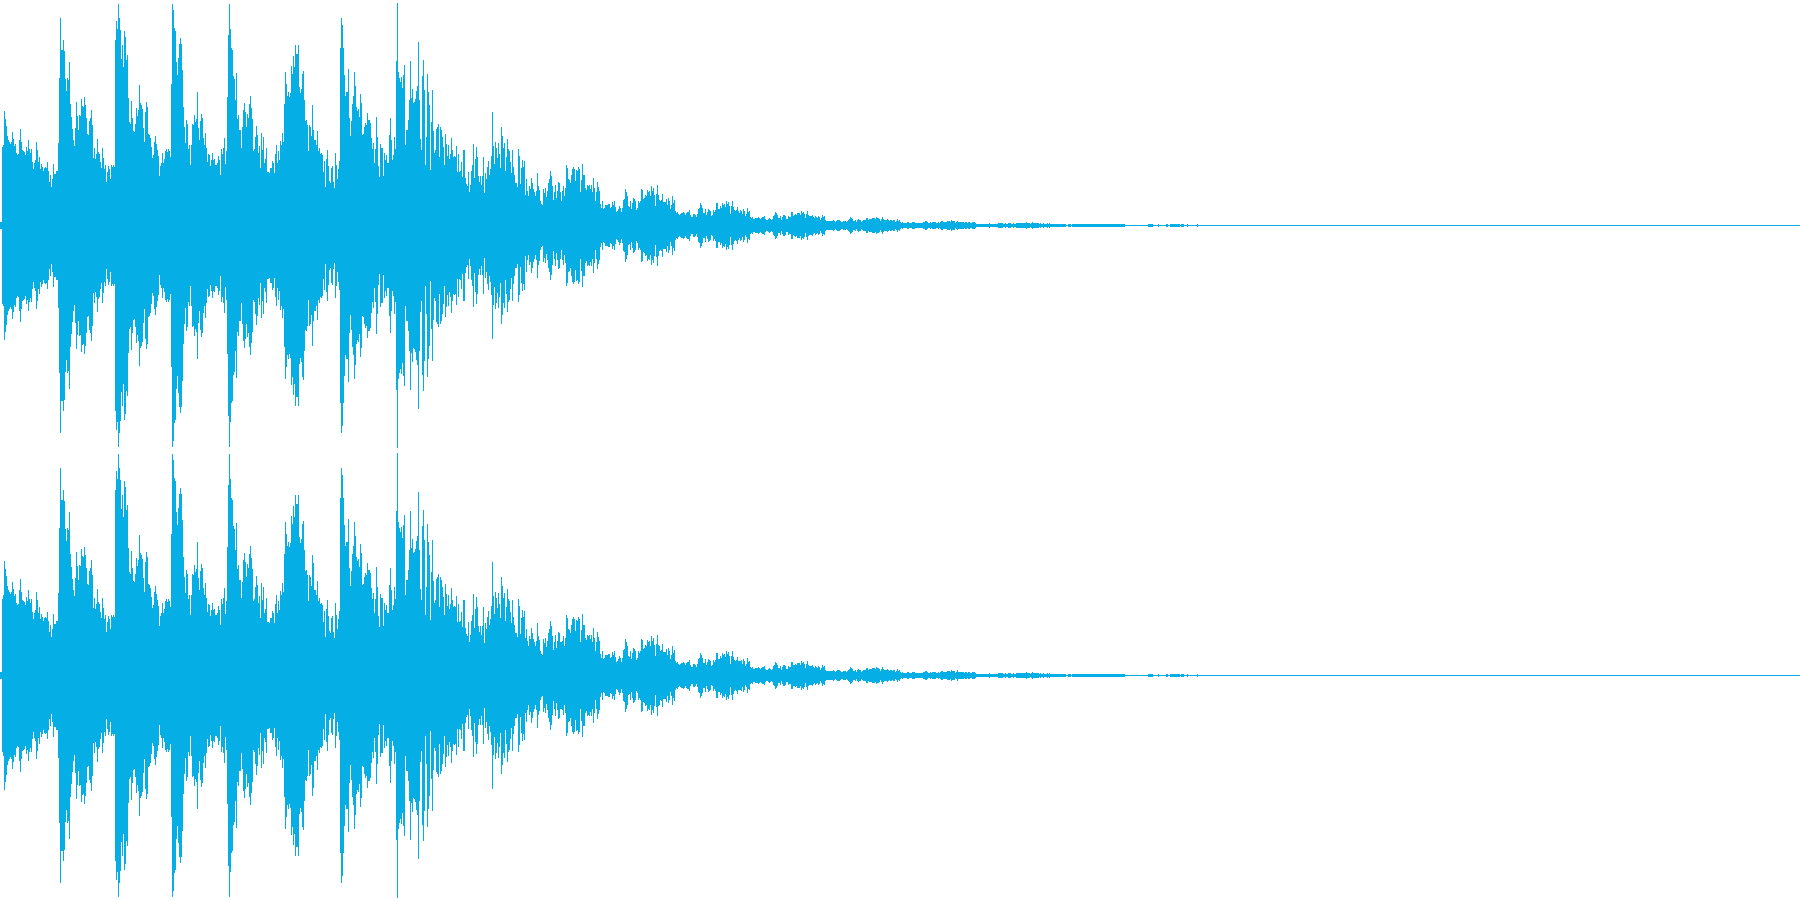 アニメにありそうなひらめき音の再生済みの波形